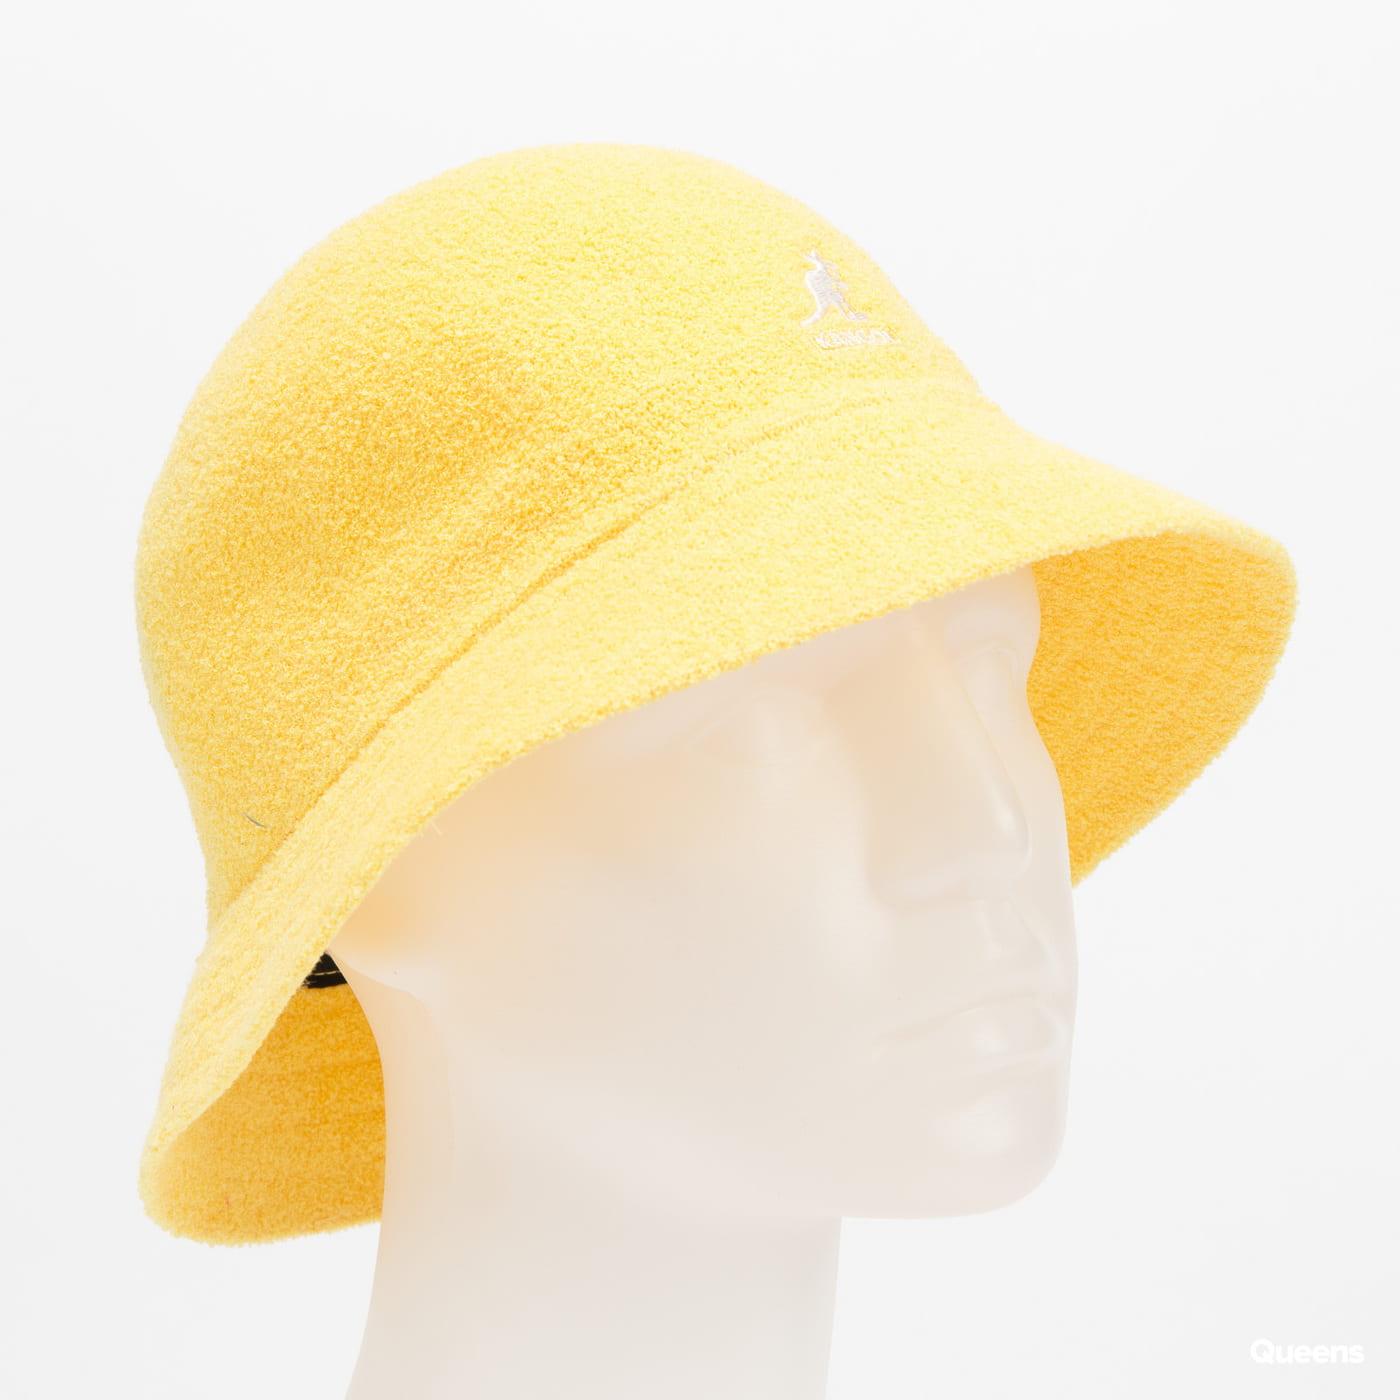 KANGOL Bermuda Casual žlutý